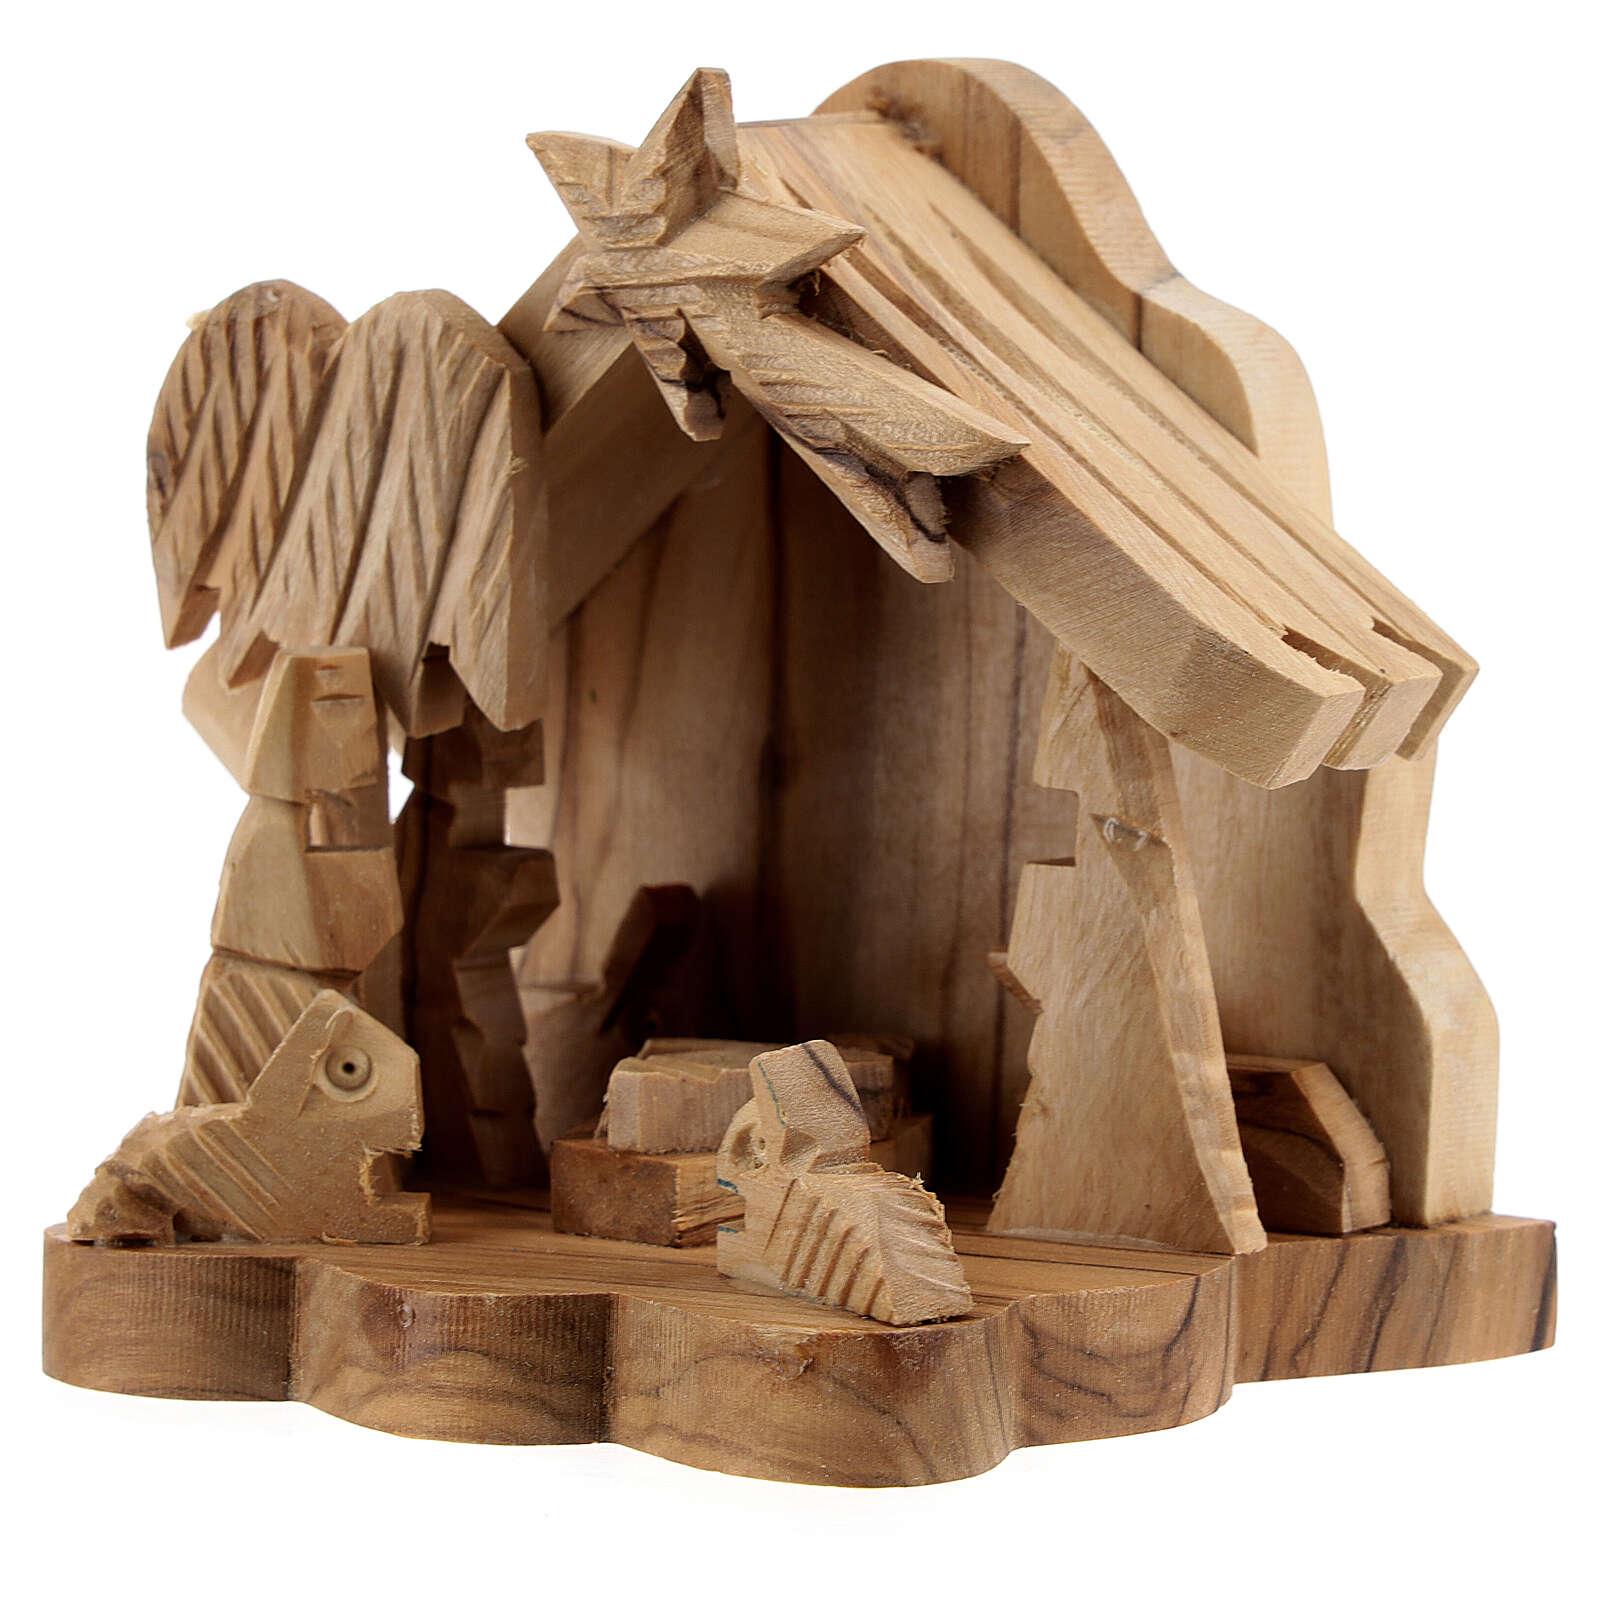 Cabana Sagrada Família com boi e burro 4 cm madeira de oliveira, 9x9x6,7 cm 4